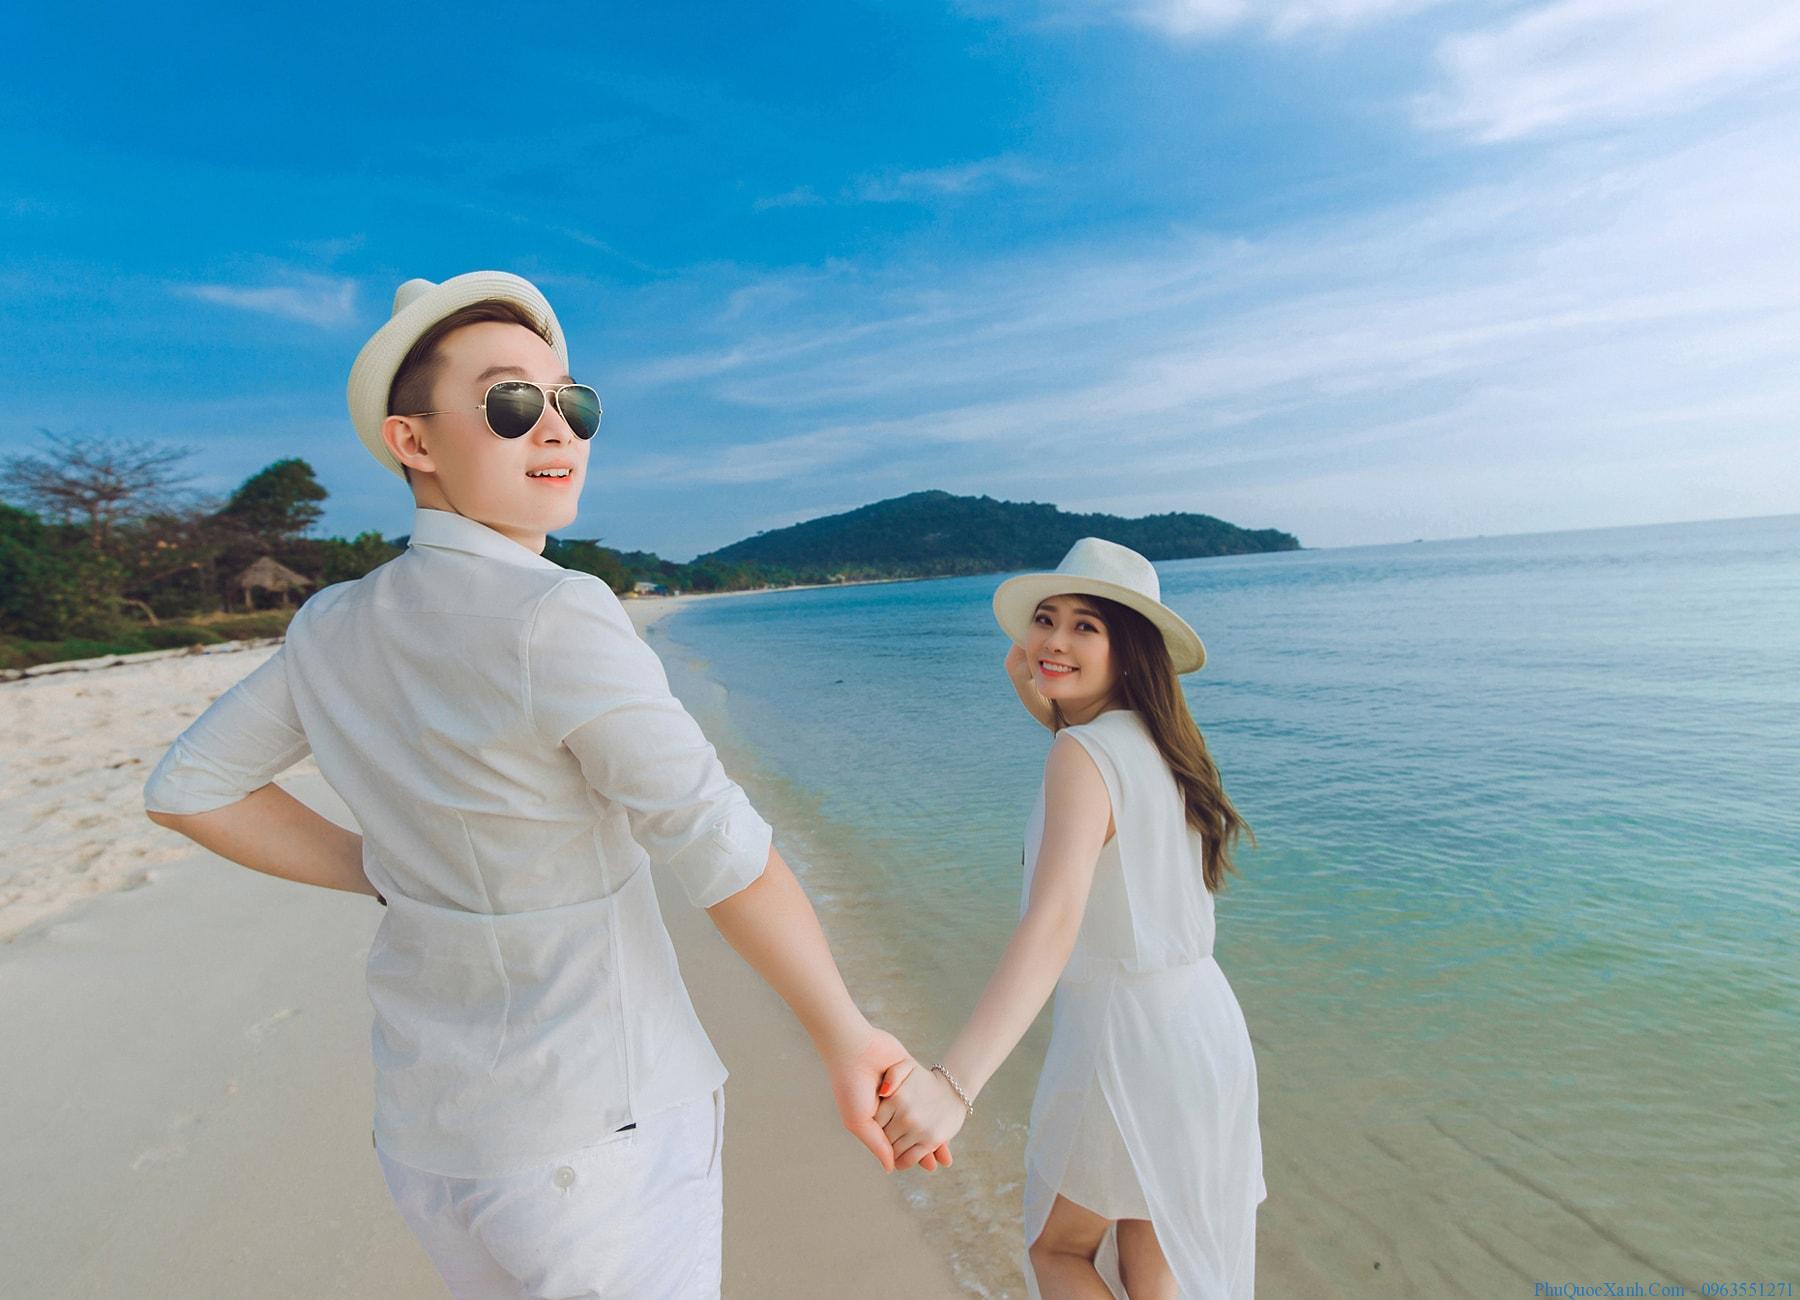 áo đôi chụp ảnh cưới ngoại cảnh biển